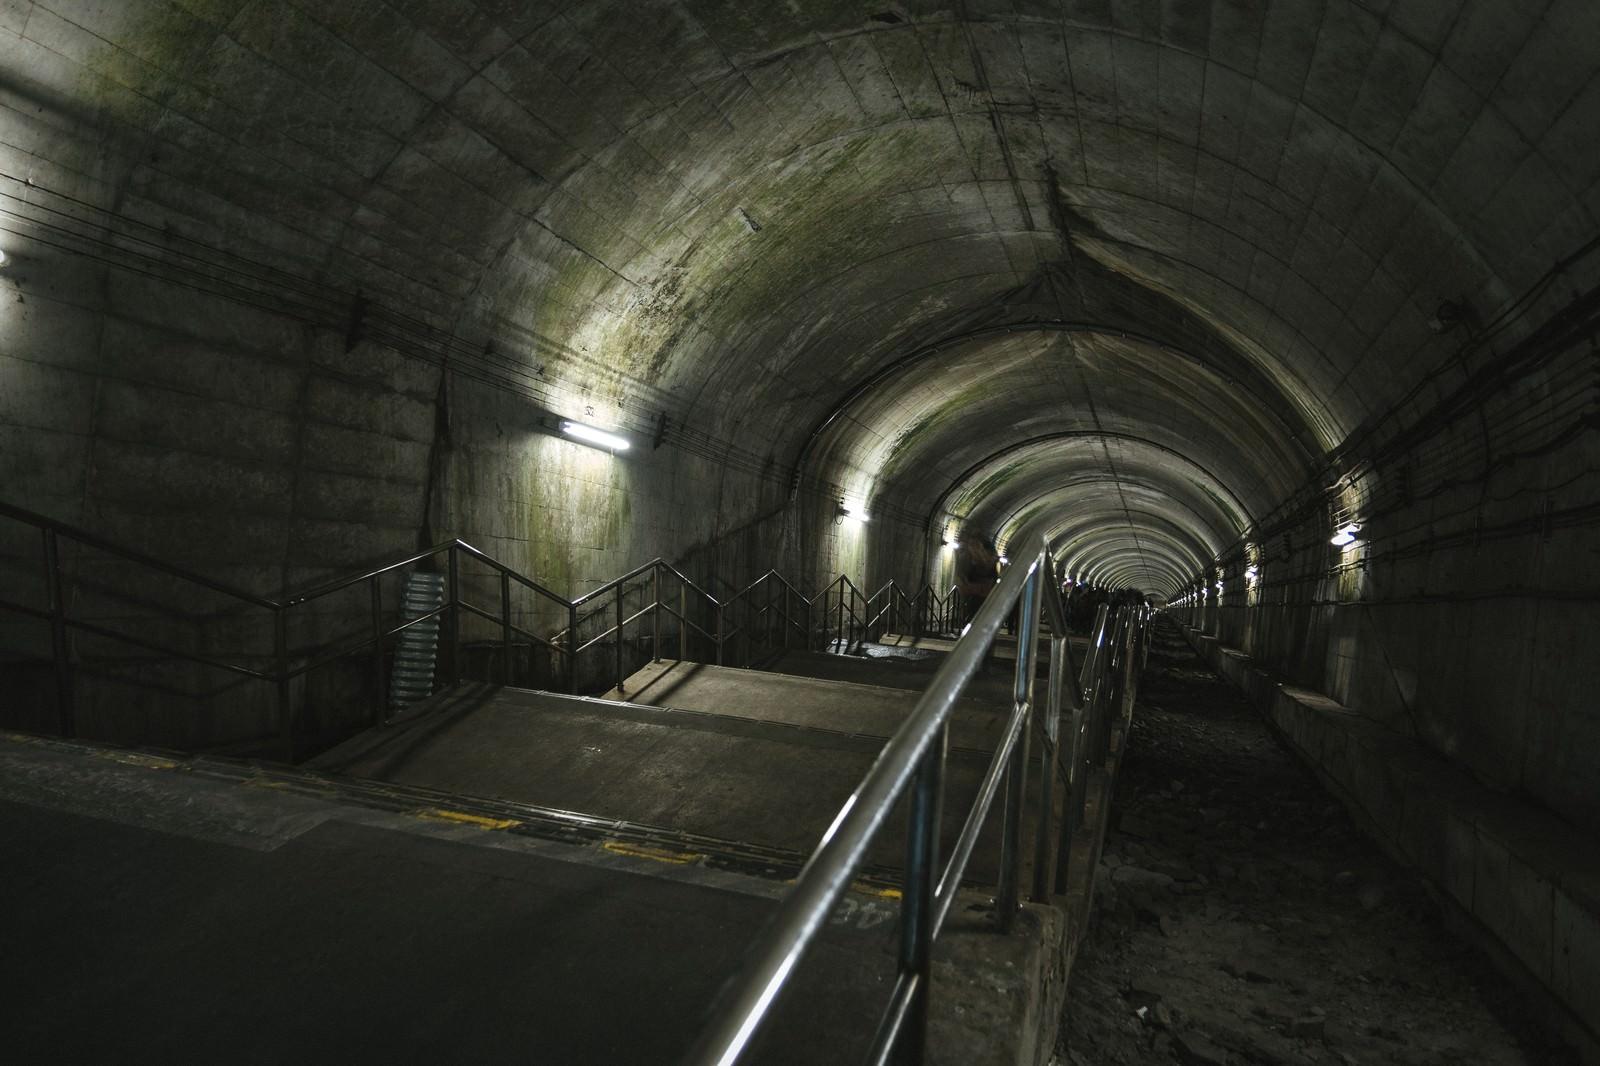 「日本一のモグラ駅(462段の下り階段)日本一のモグラ駅(462段の下り階段)」のフリー写真素材を拡大